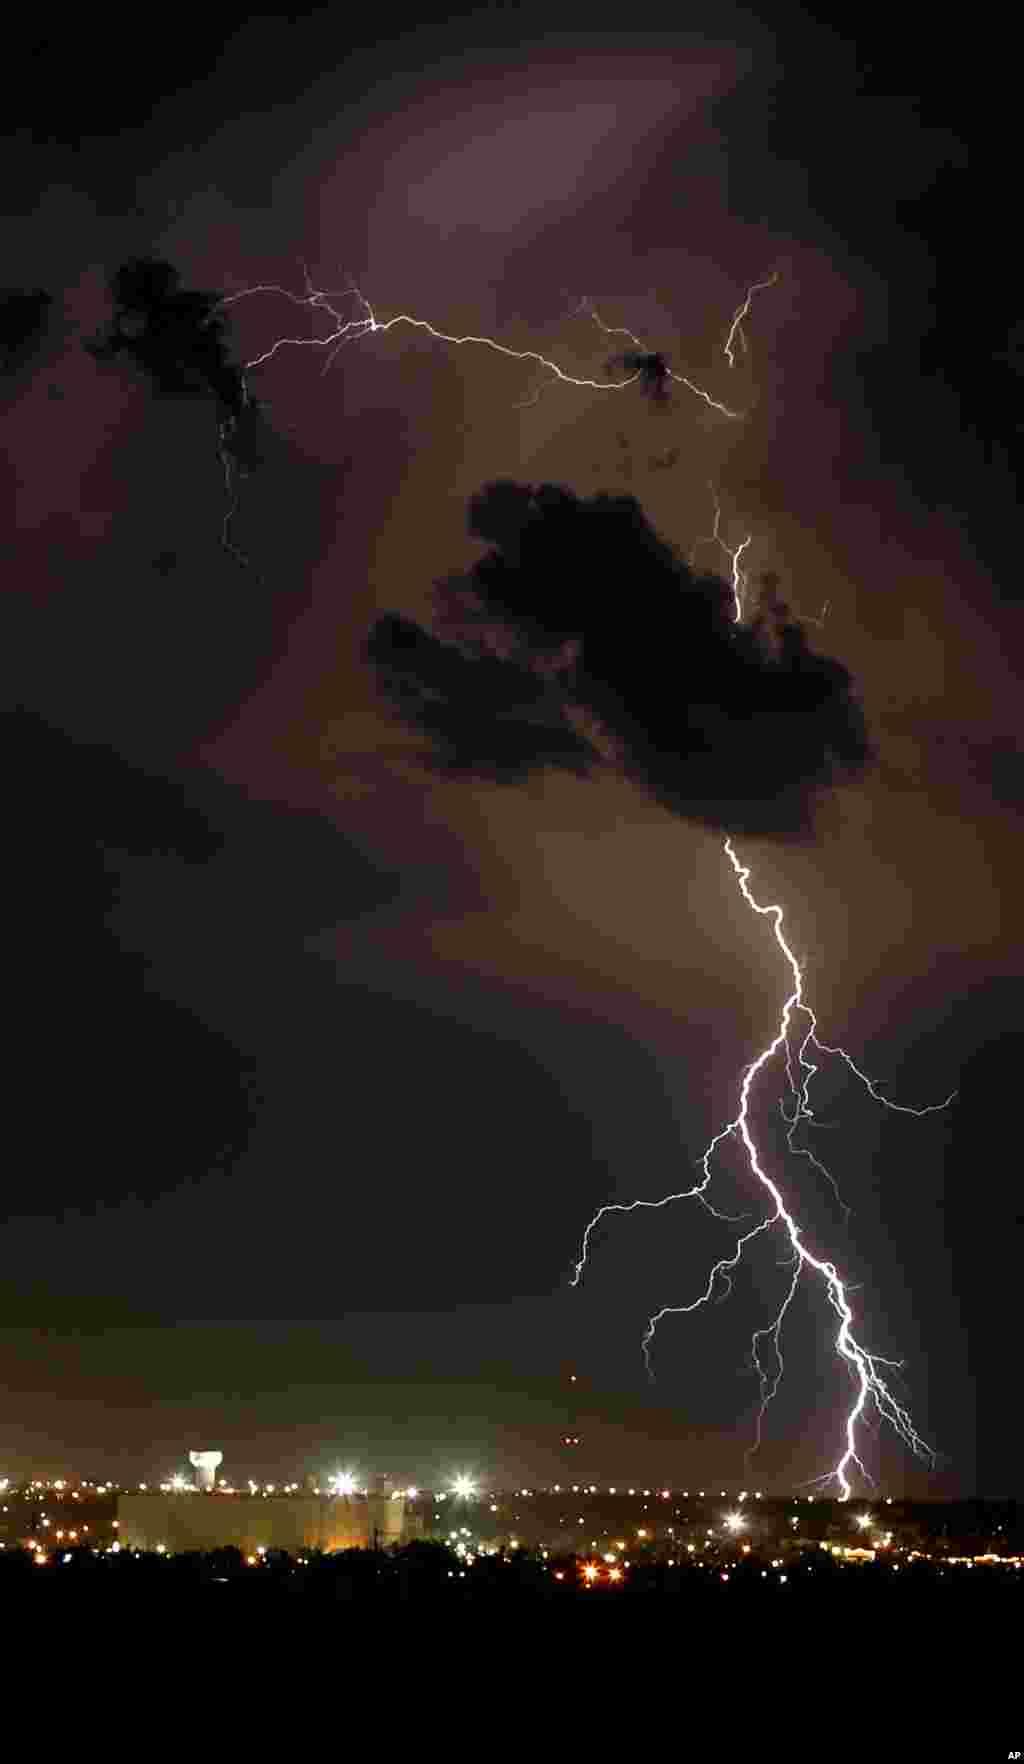 عکسی از صاعقه و رعد و برق در آسمان داج سیتی کانزاس